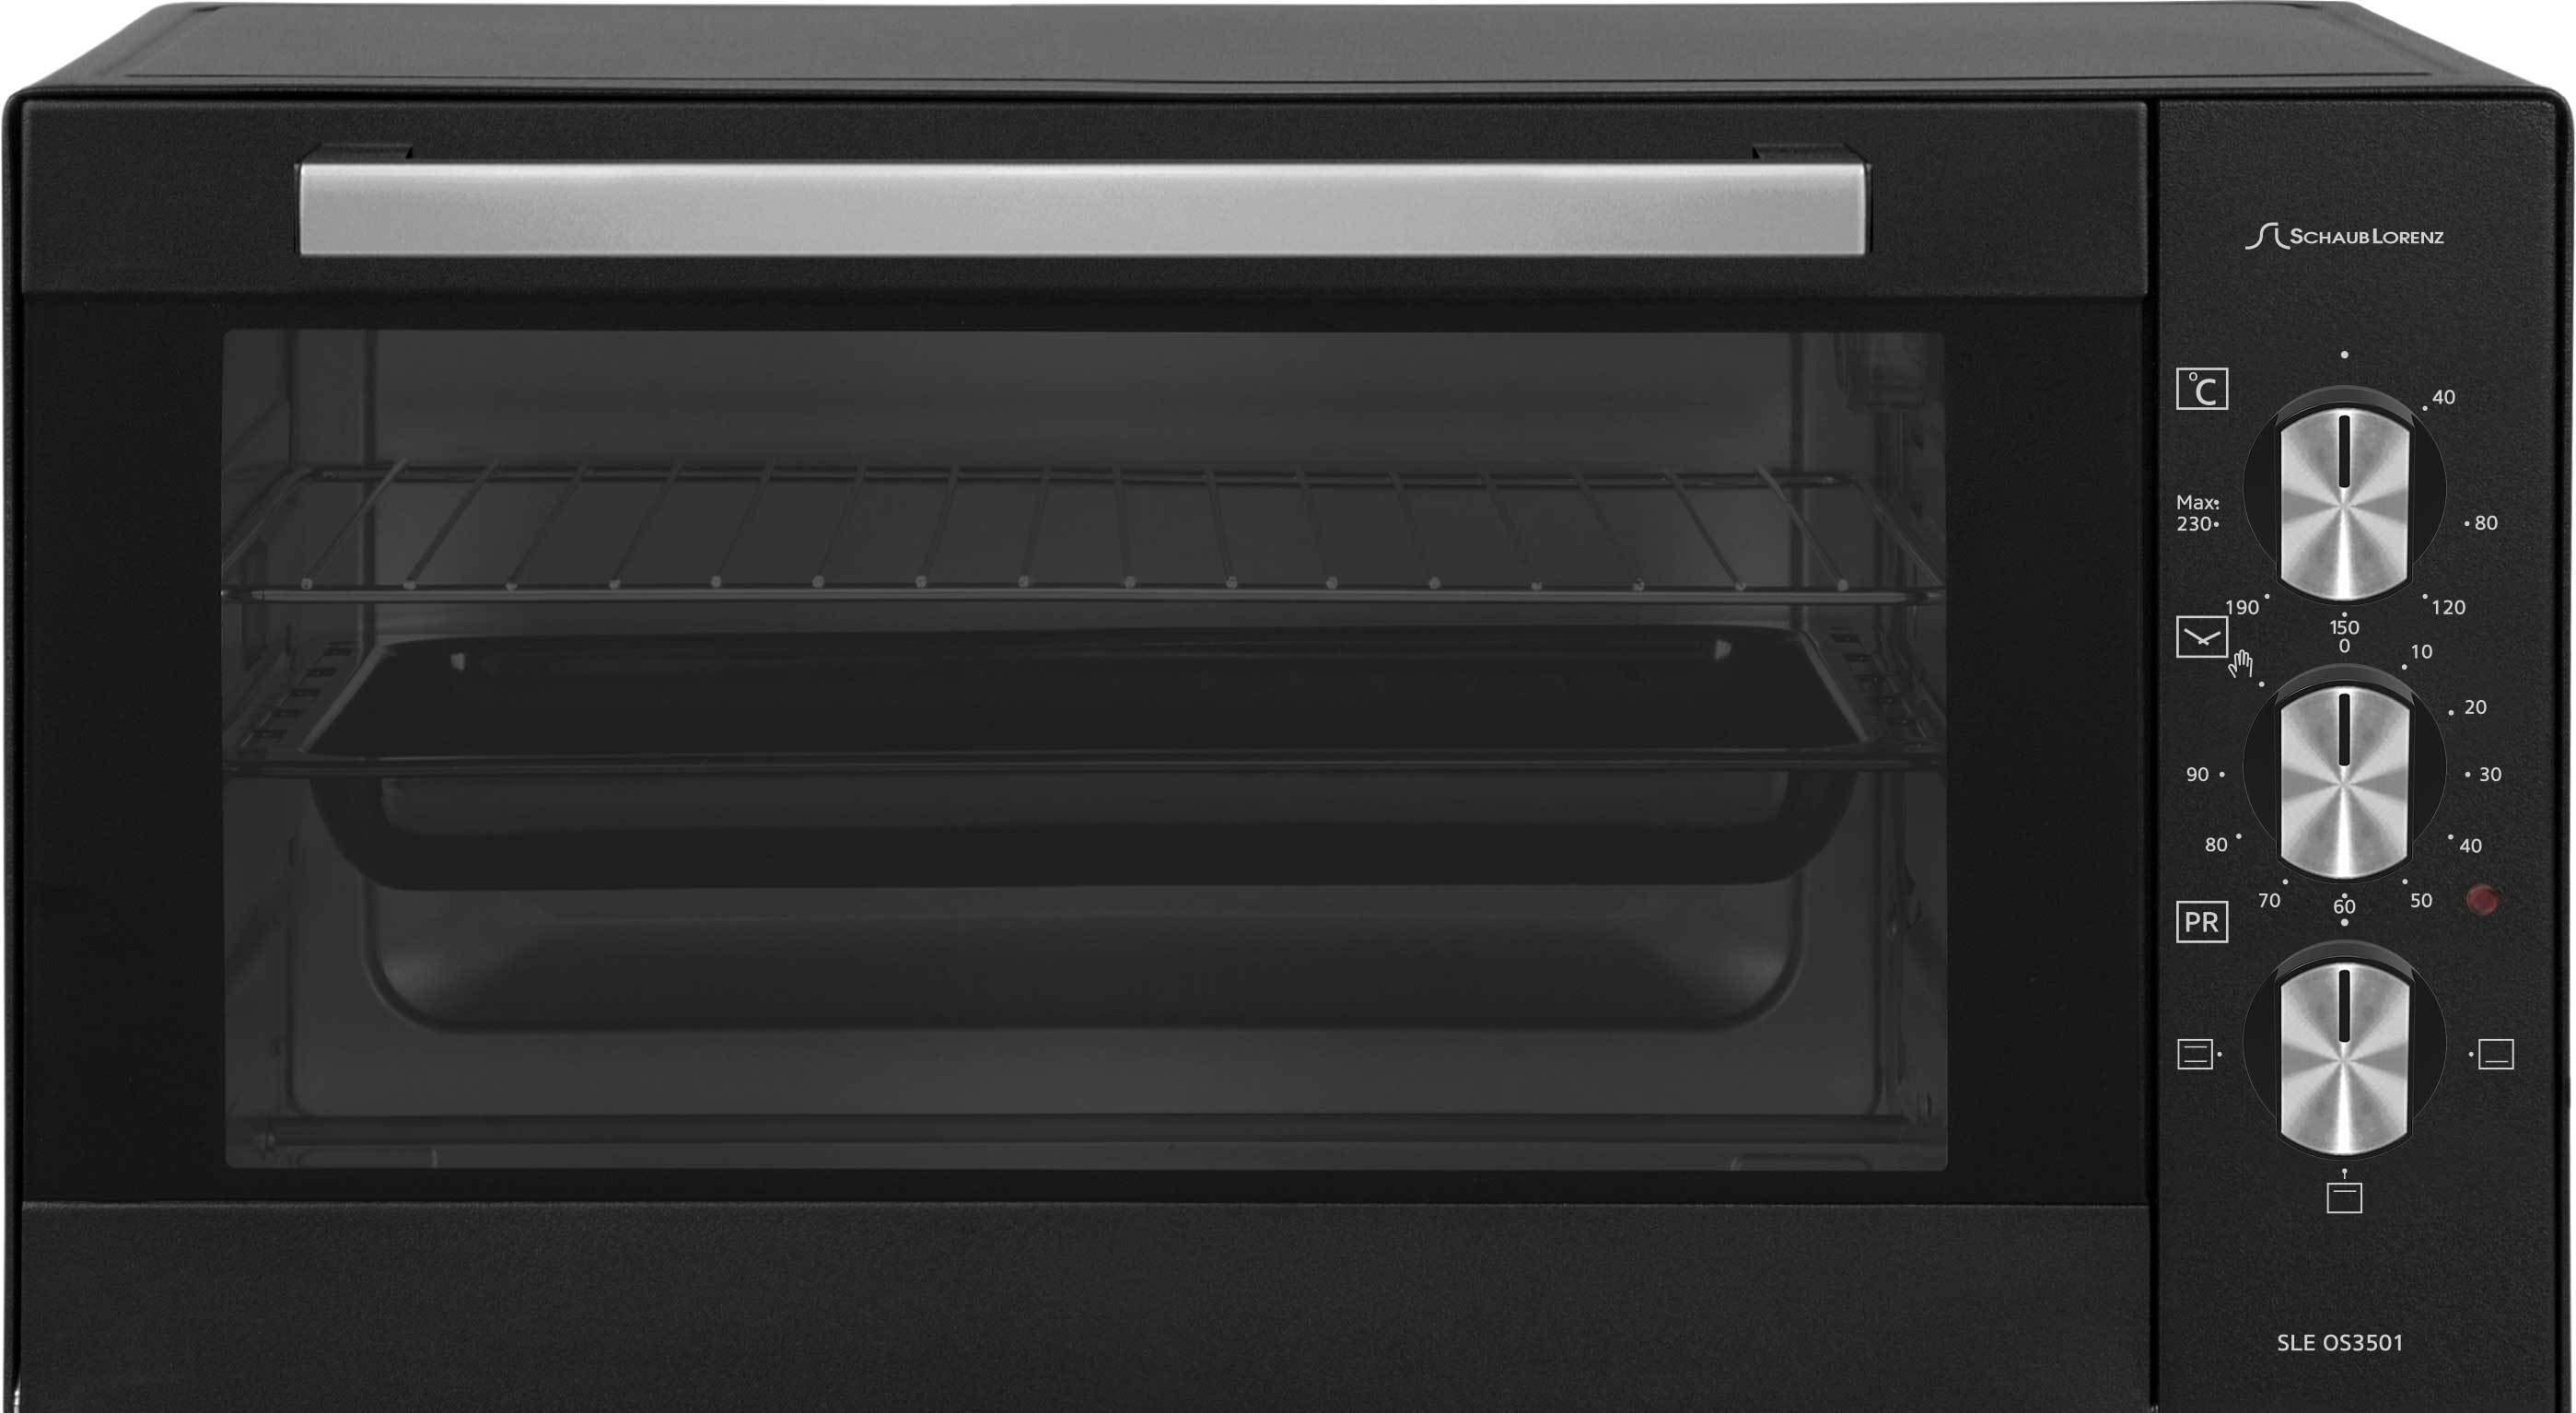 Мини-печь Schaub Lorenz SLE OS3501